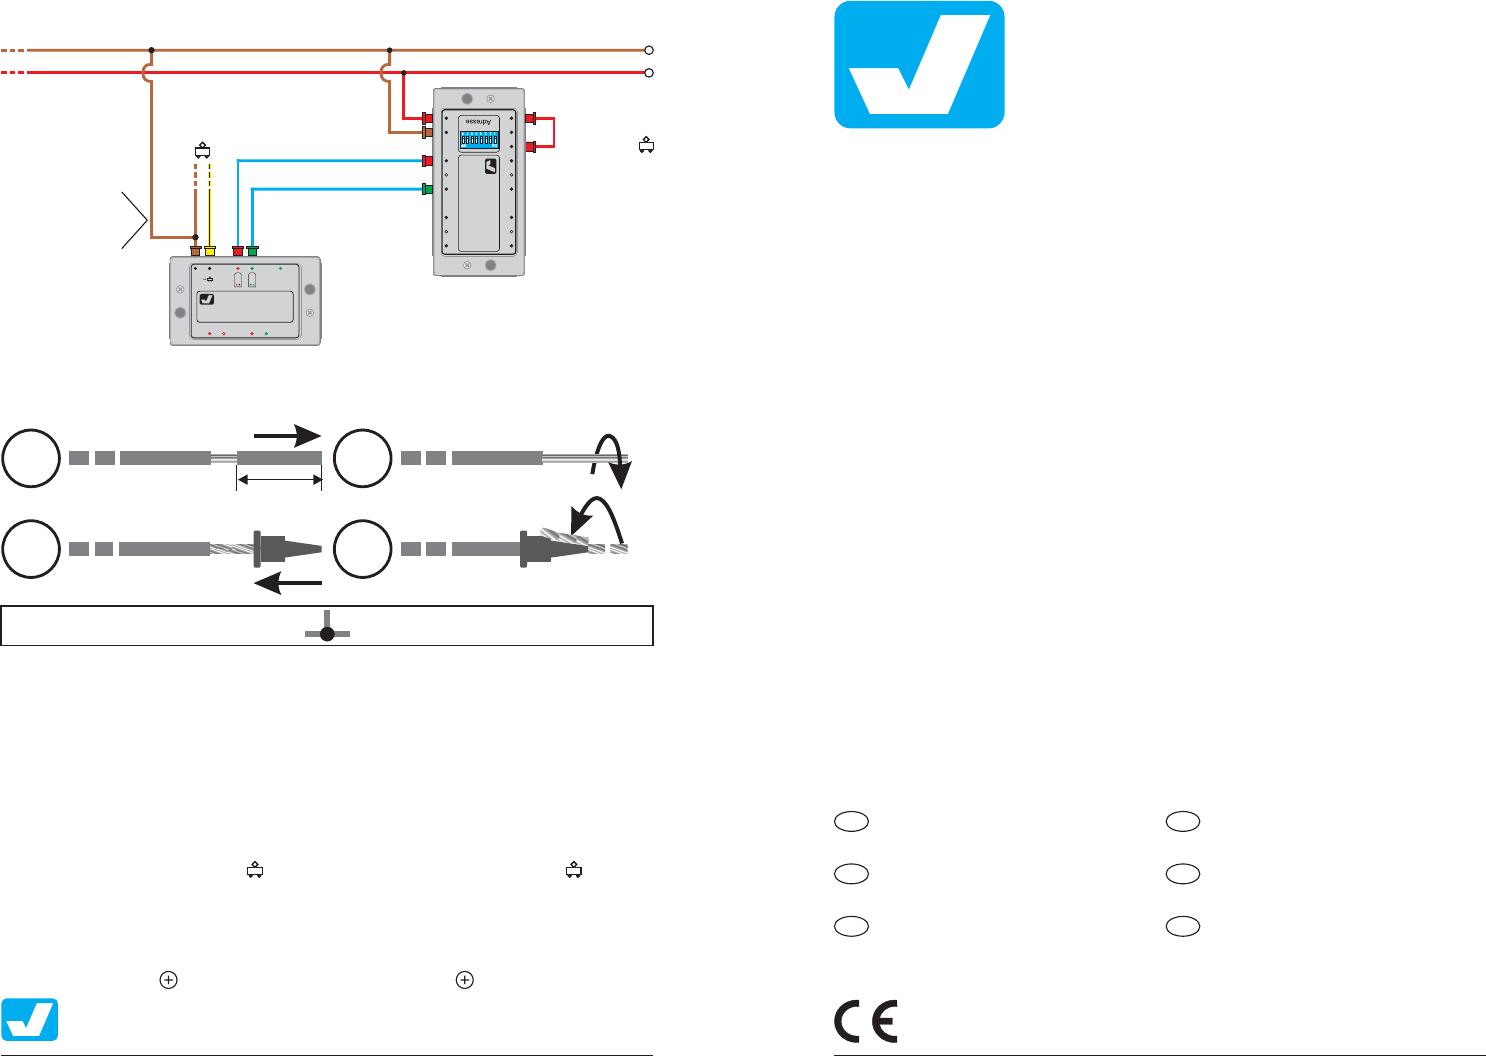 Blocksignale ohne OVP Viesmann 5221 Steuermodul für Licht neuwertig